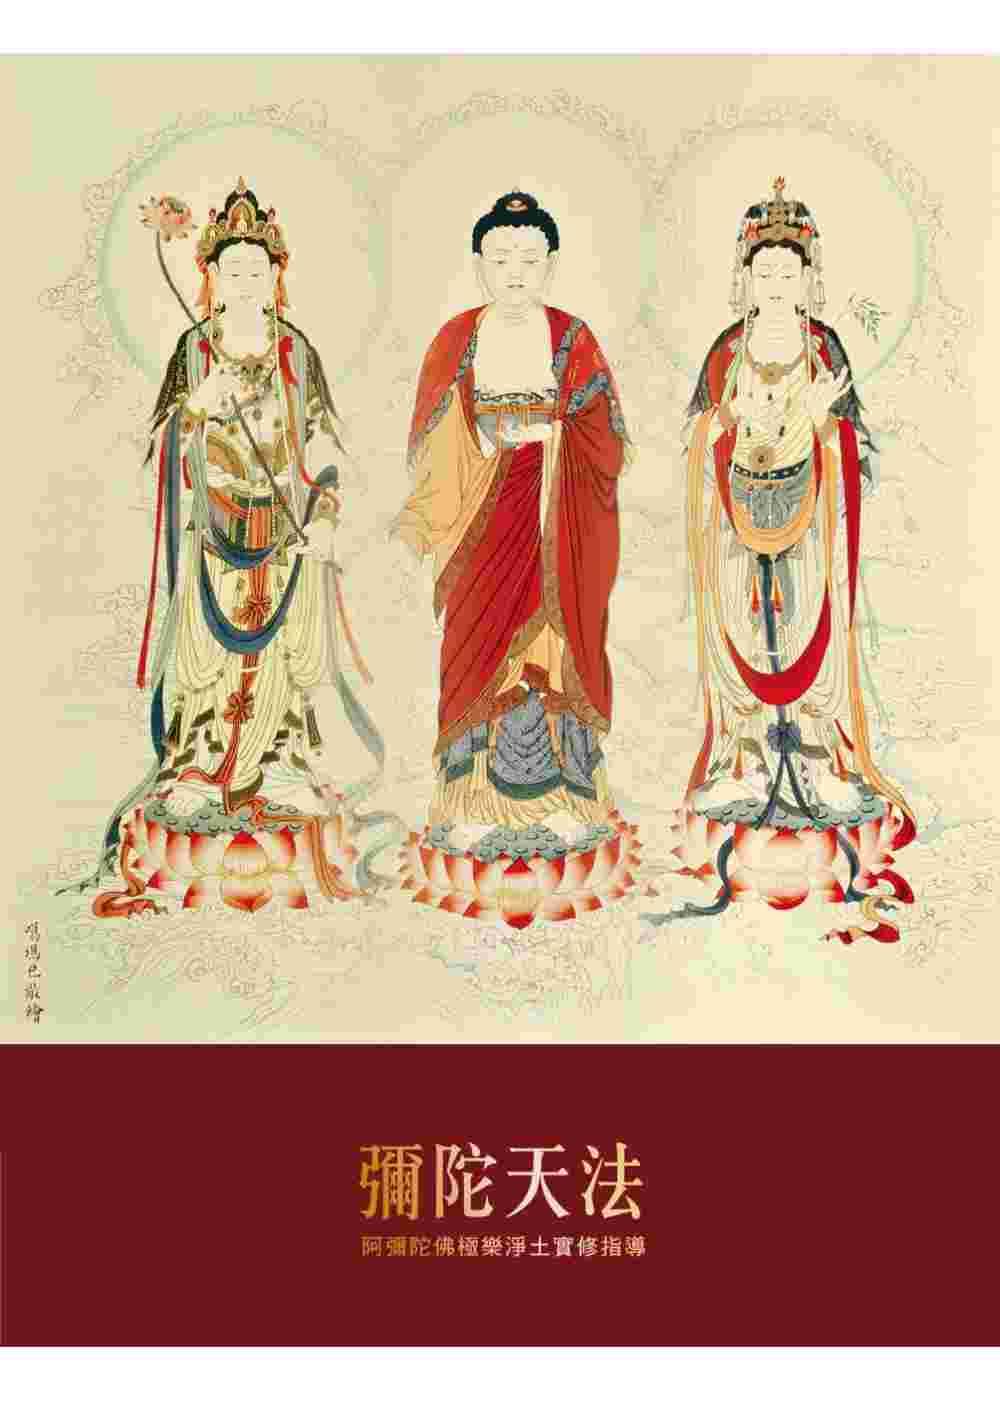 彌陀天法:阿彌陀佛極樂淨土實修指導